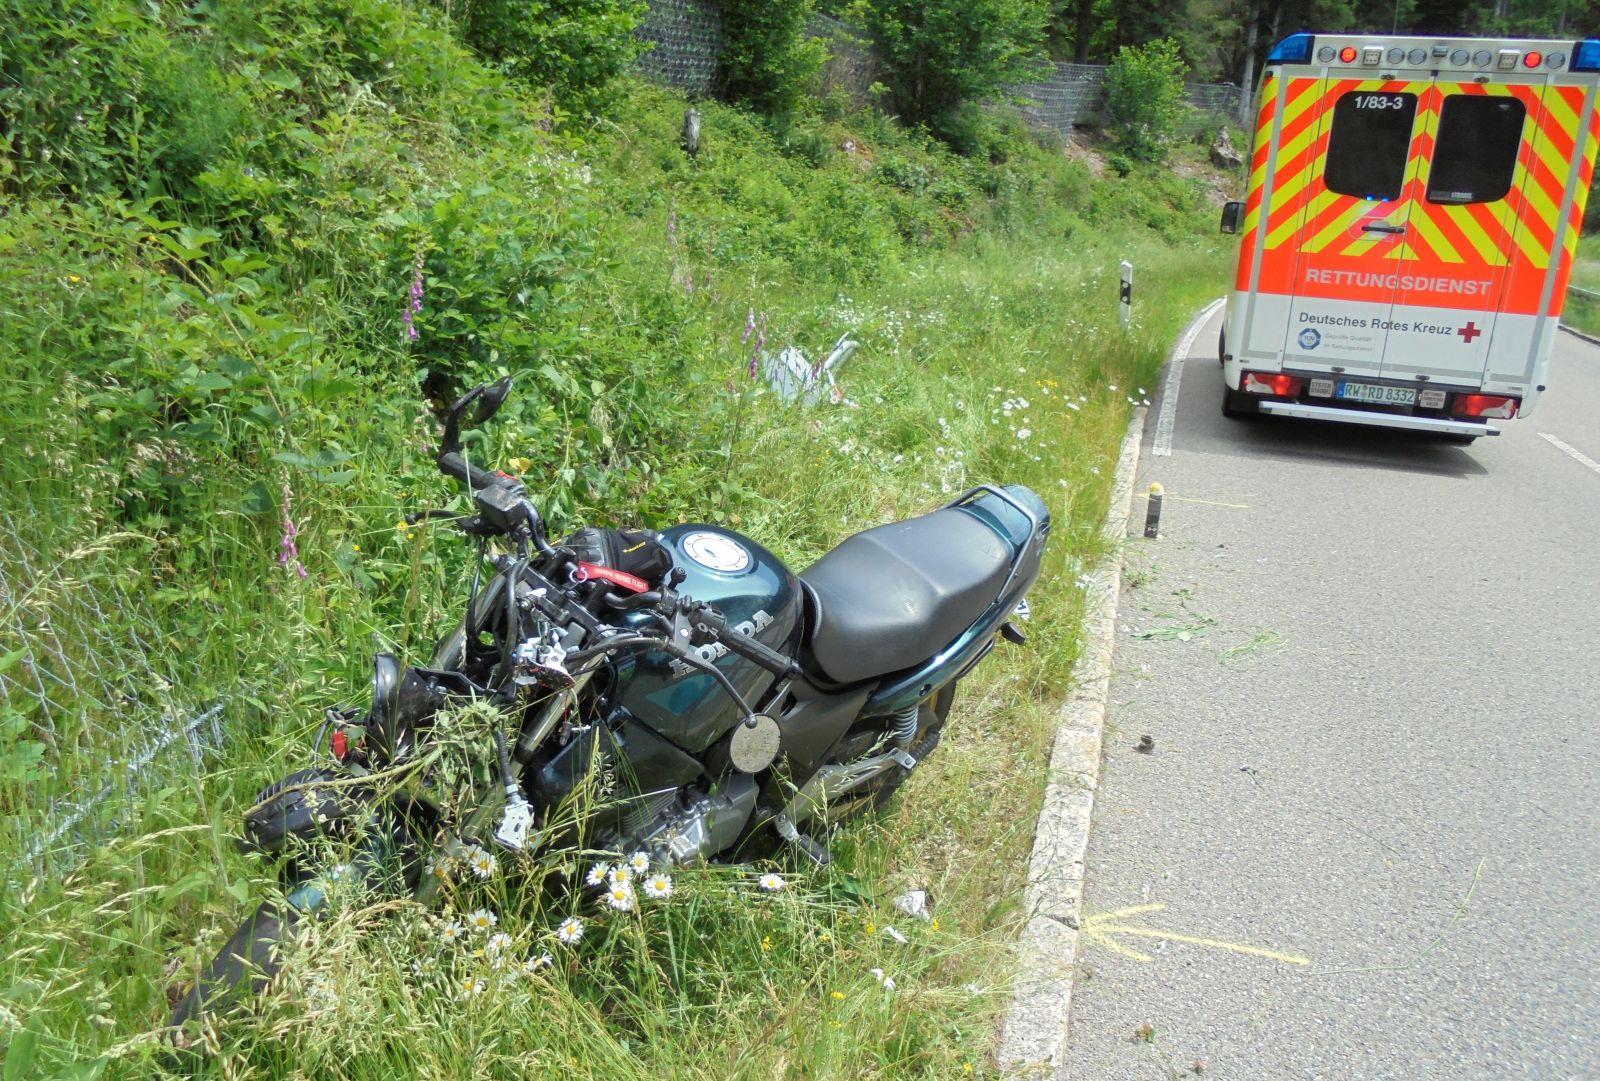 Mit einer Honda ist am frühen Sonntagnachmittag ein junger Motorradfahrer im Bernecktal verunglückt.